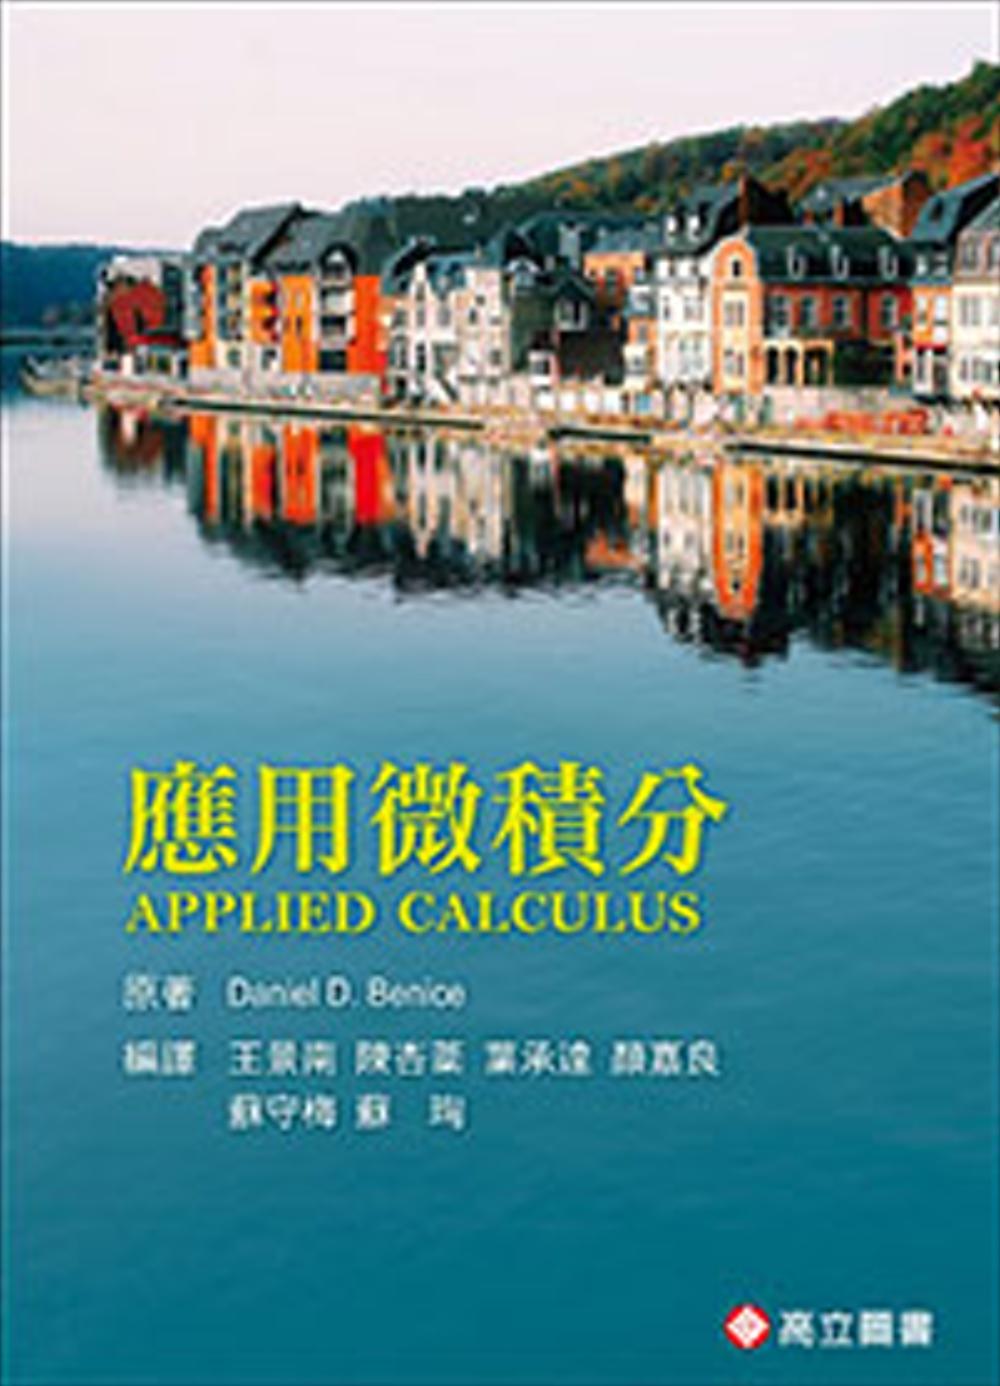 應用微積分 (Benice: Applied Calculus)